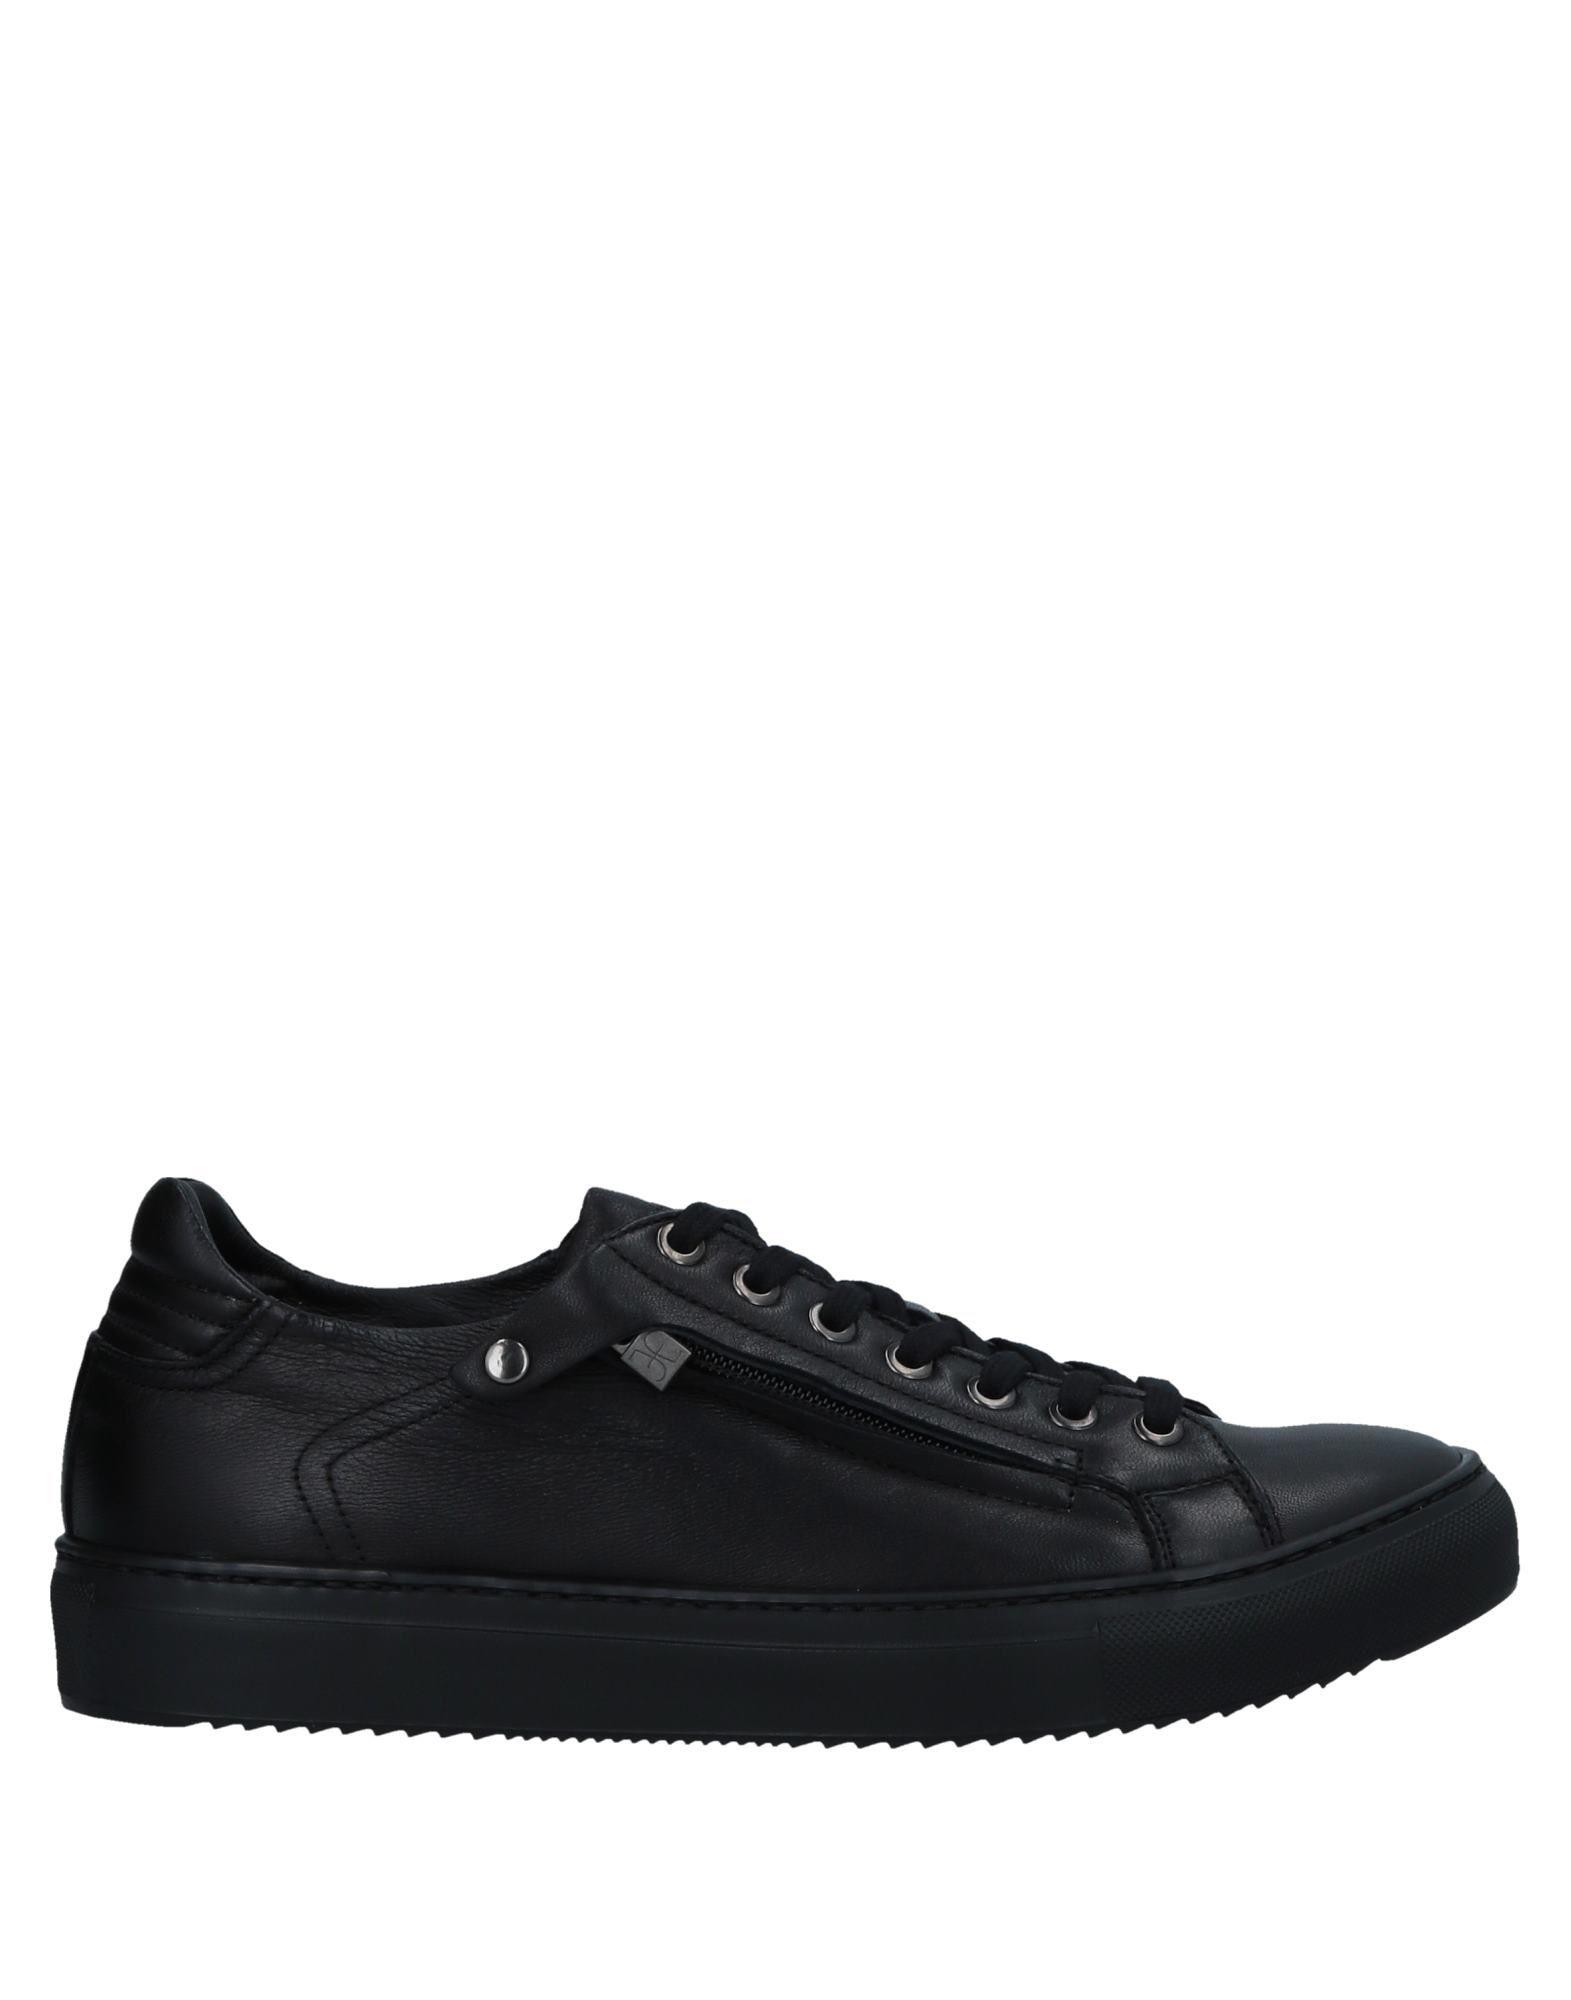 Fabi Sneakers Herren  11532102NR Gute Qualität beliebte Schuhe